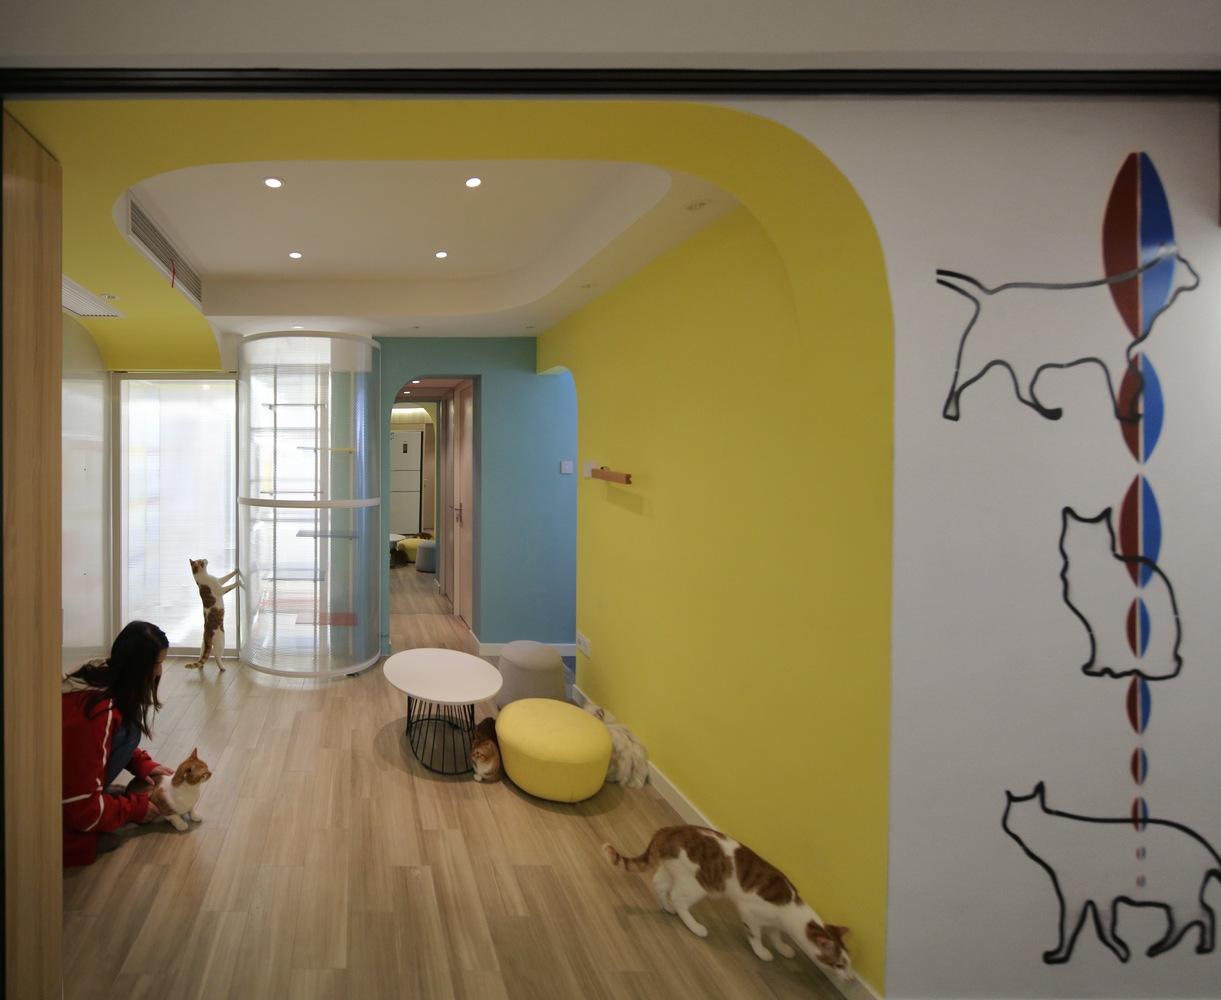 Una casa per animali: 1 umana, 40 gatti e 2 cani.